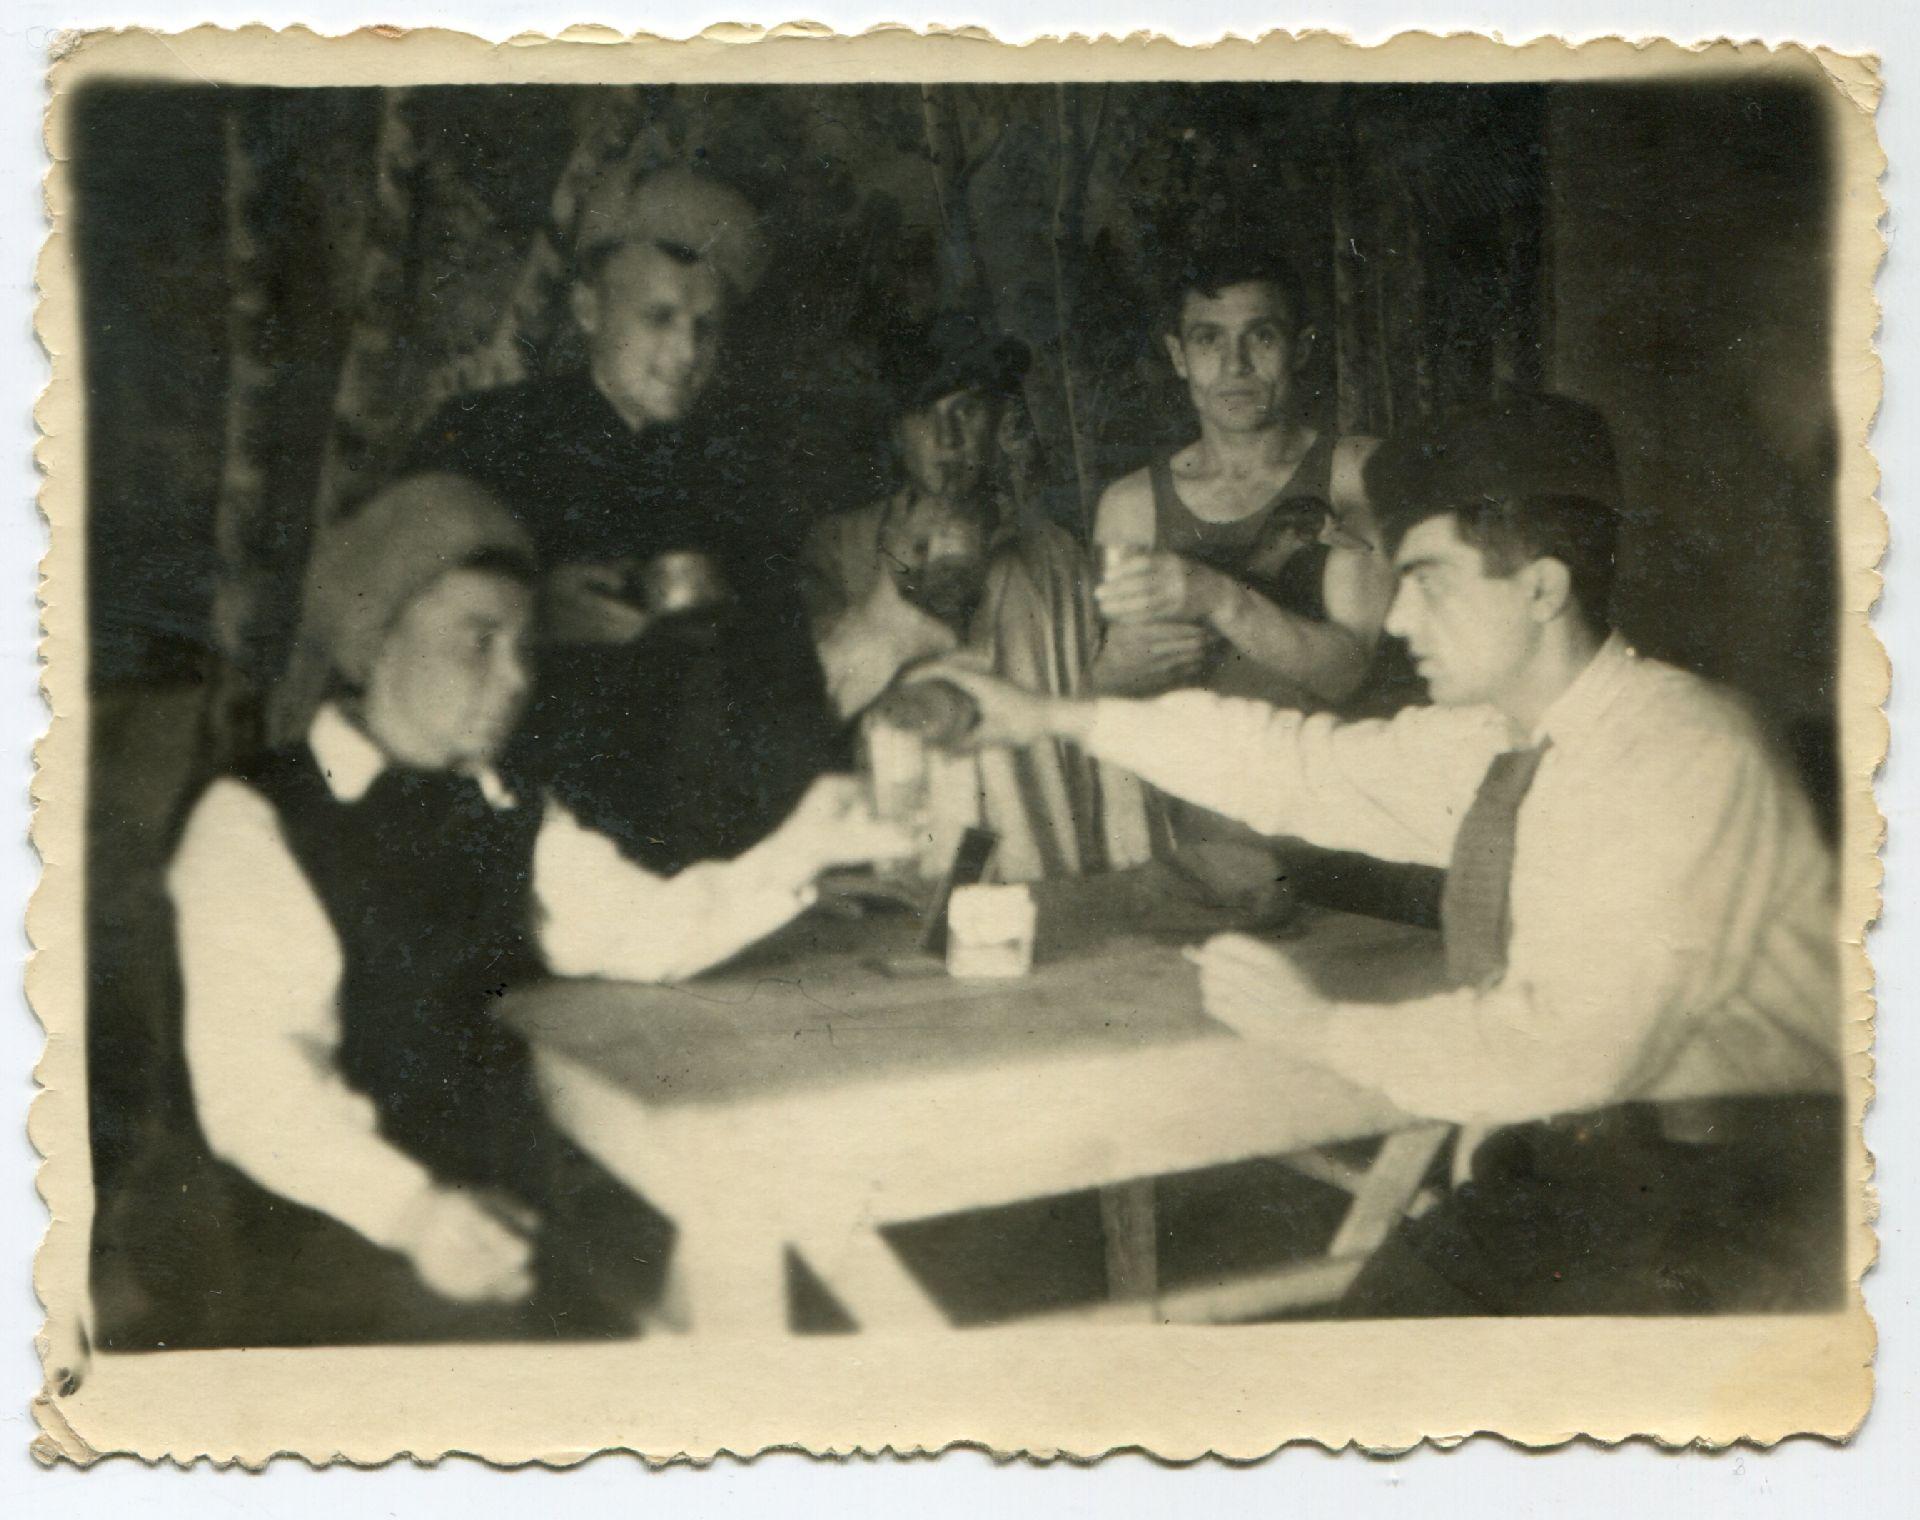 zhukov_aleksandr_vasilevich_1953_5_marta_habarovskiy_kray_itl